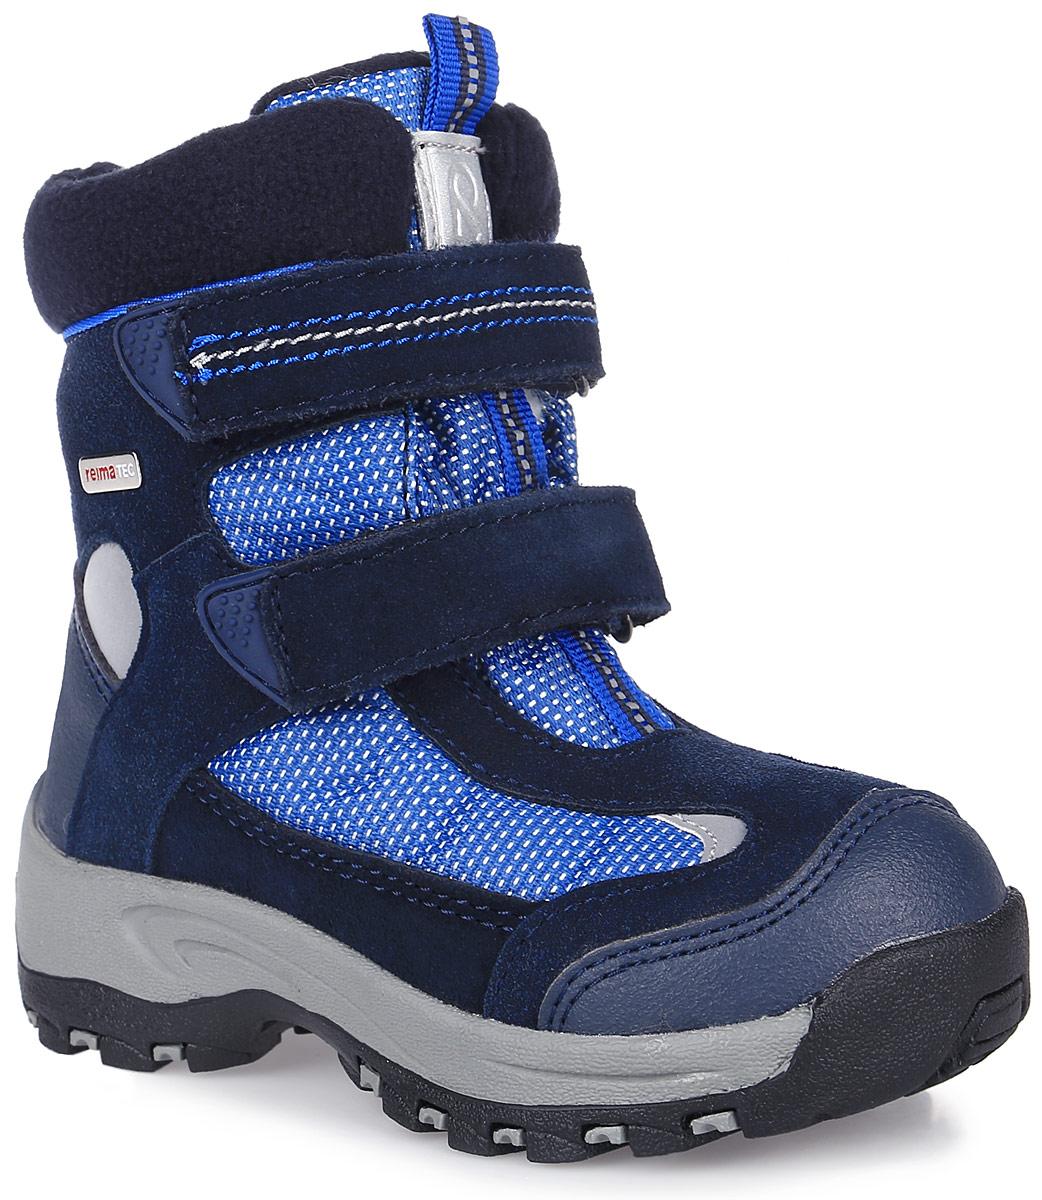 Ботинки для мальчика Reima, цвет: темно-синий, синий. 569296-6980. Размер 24569296-6980БотинкиReimatec Kinos выполнены из натуральной телячьей замши, искусственной кожи и плотного полиэстера. Модель оформлена металлической пластинкой с названием бренда. Ярлычки на заднике и язычке облегчат надевание модели. На ноге модель фиксируется с помощью ремешков с застежками-липучками. Верхняя часть внутренней поверхности выполнена из утепленного текстиля. Подкладка выполнена из искусственного меха, который обеспечит тепло и комфорт. Рисунок Happy Fit на съемных войлочных стельках поможет подобрать нужный размер или измерить быстрорастущую ножку ребенка. Подошва изготовлена из высококачественной термопластиковой резины и дополнена протектором, который гарантирует отличное сцепление с любой поверхностью. Светоотражающие детали позволяют лучше разглядеть ребенка в темное время суток.Ботинки имеют степень утепления, рассчитанную на температуры от 0 до -20°С.